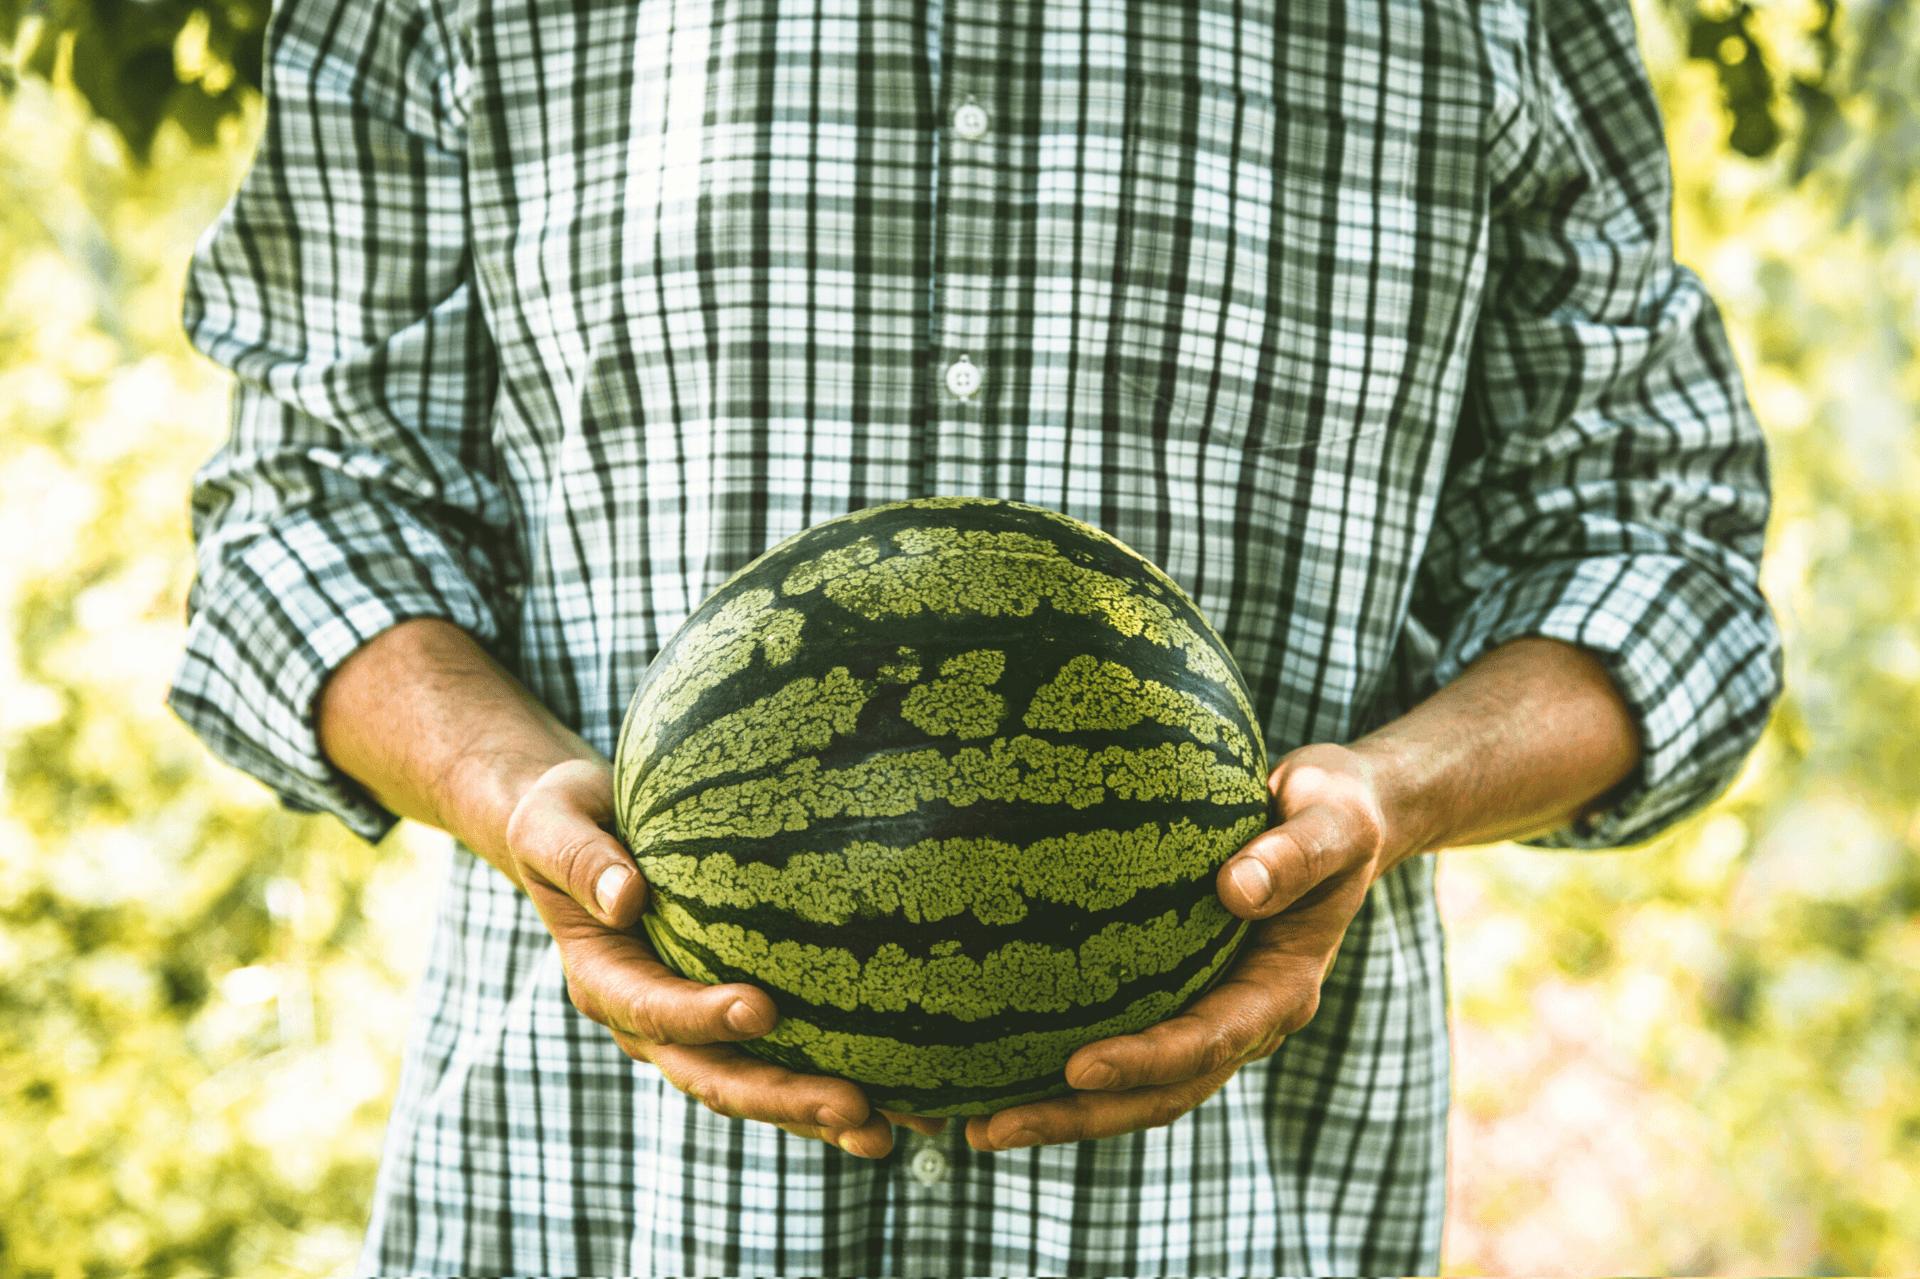 Sfaturi pentru obtinerea unei culturi bogate de pepene verde